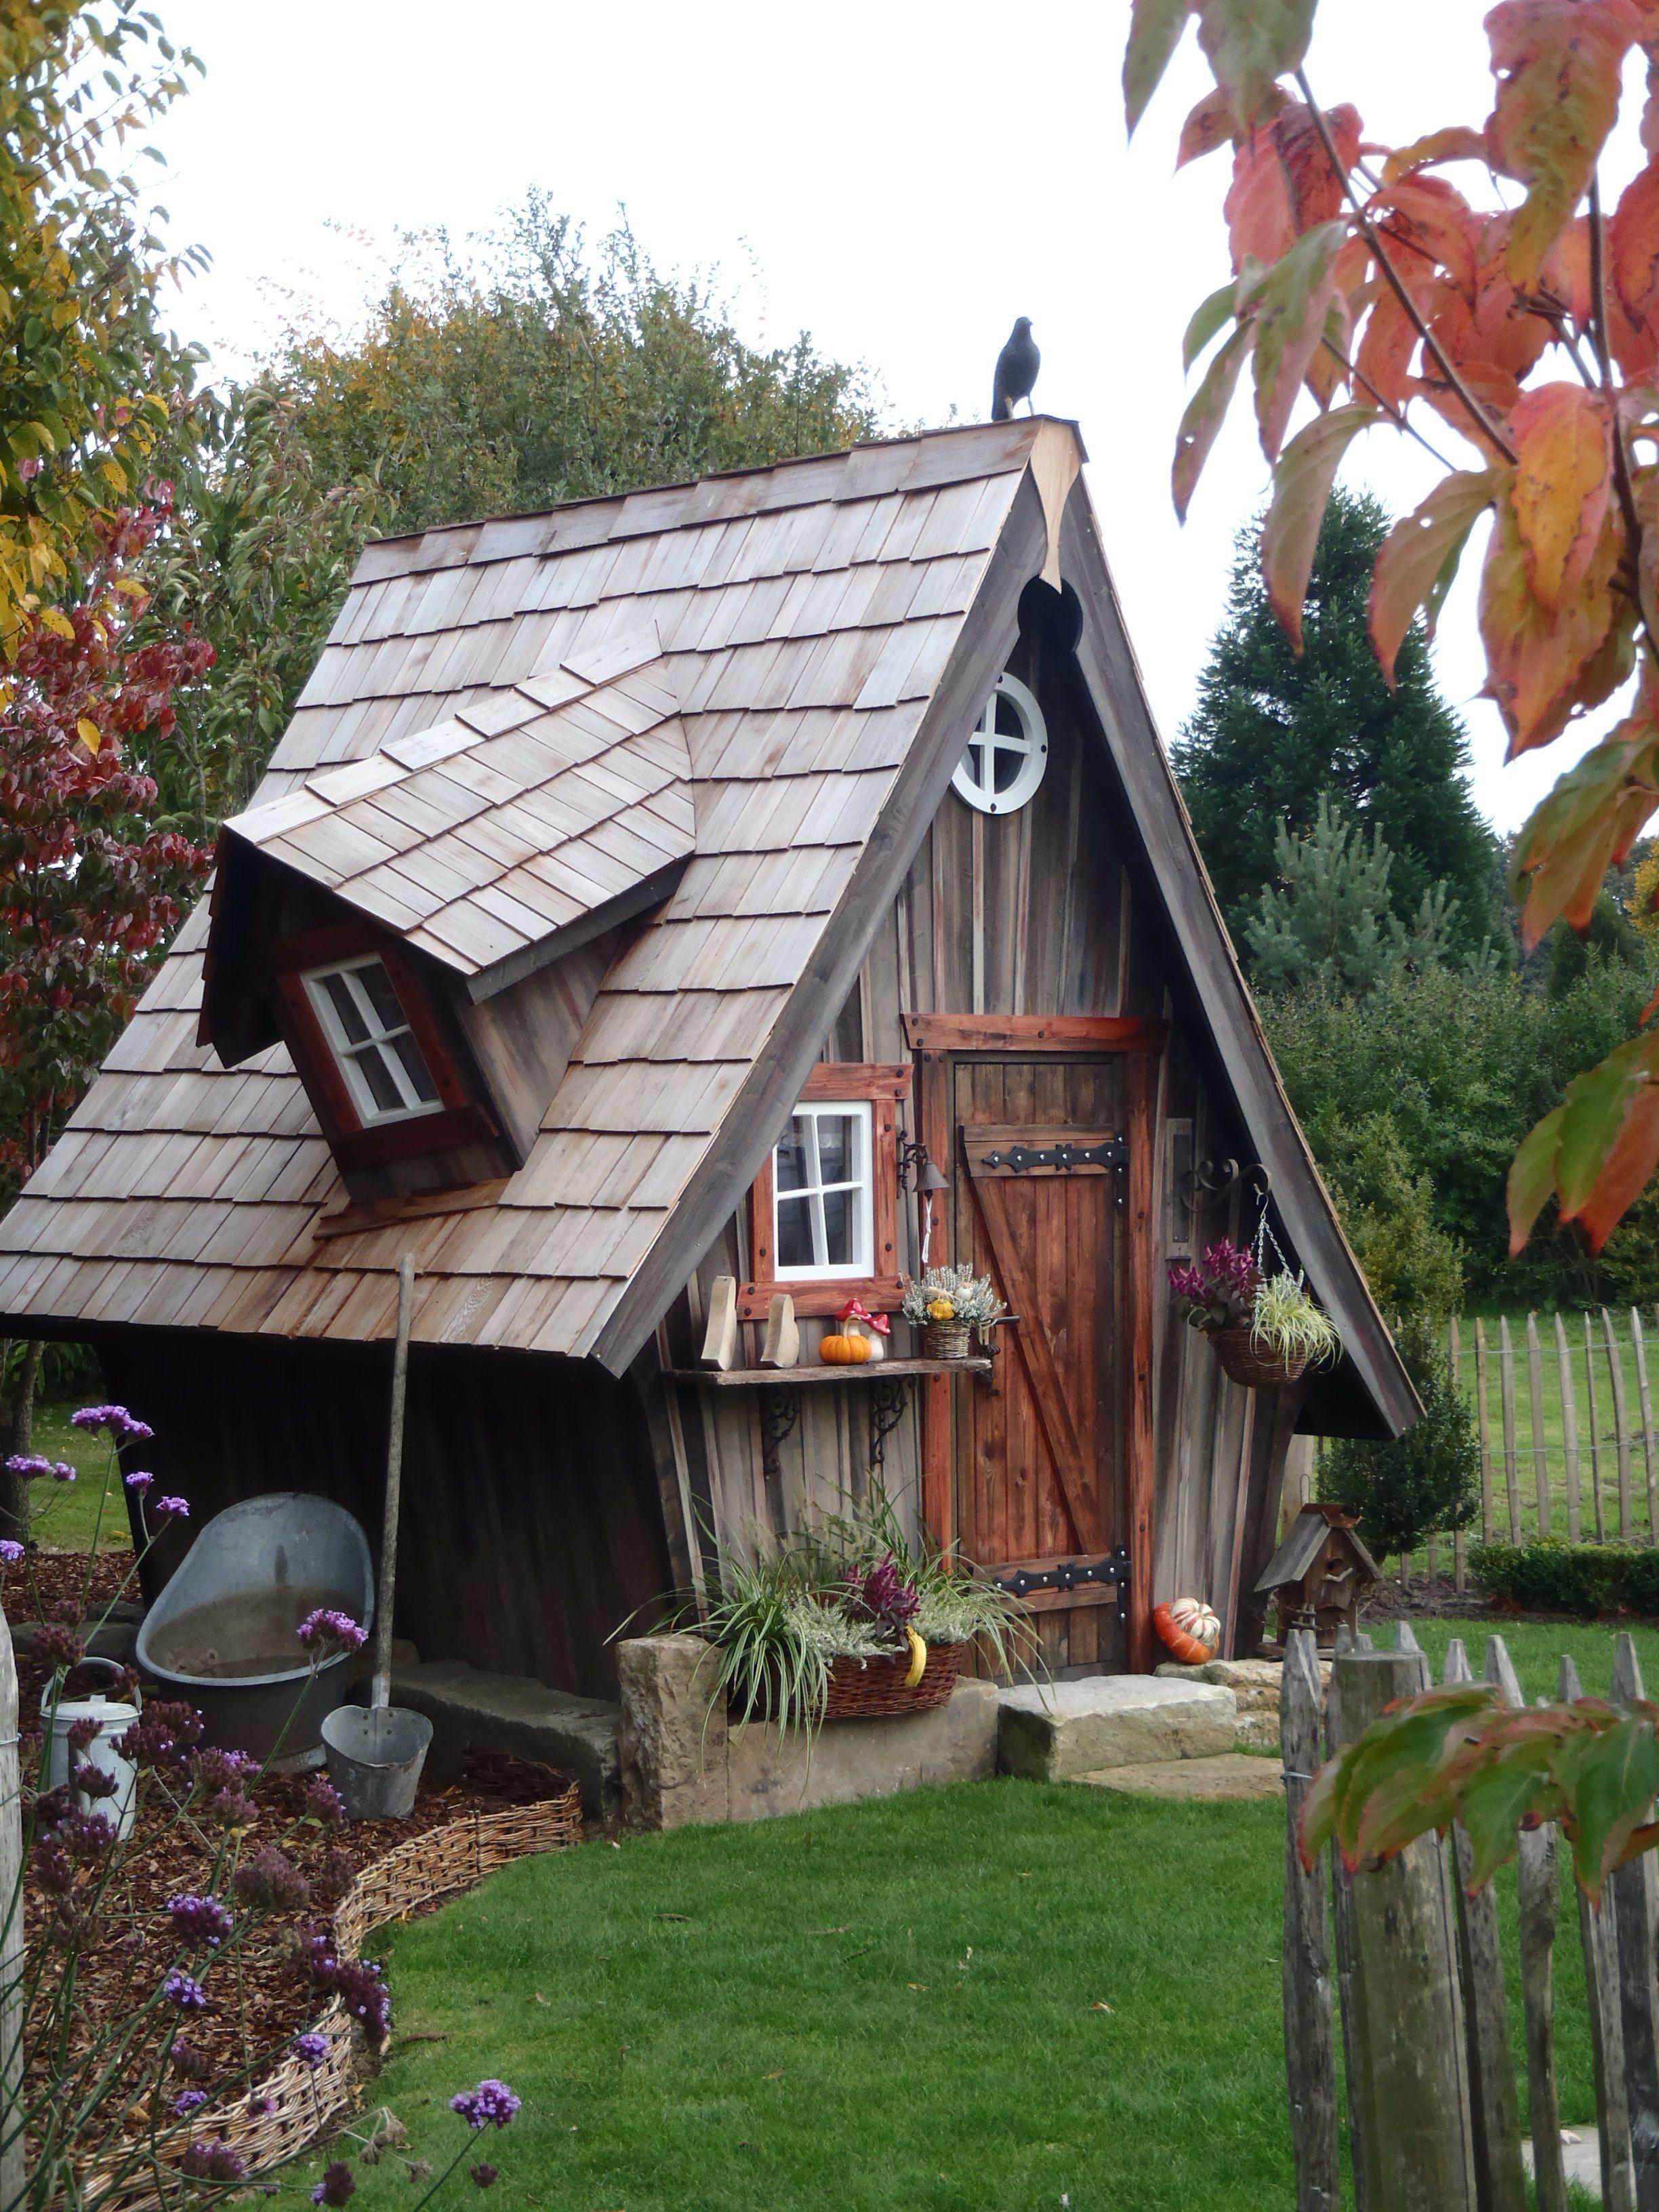 Hexenhaus Hut Gartenhaus, Märchenhaus, Ferienhaus